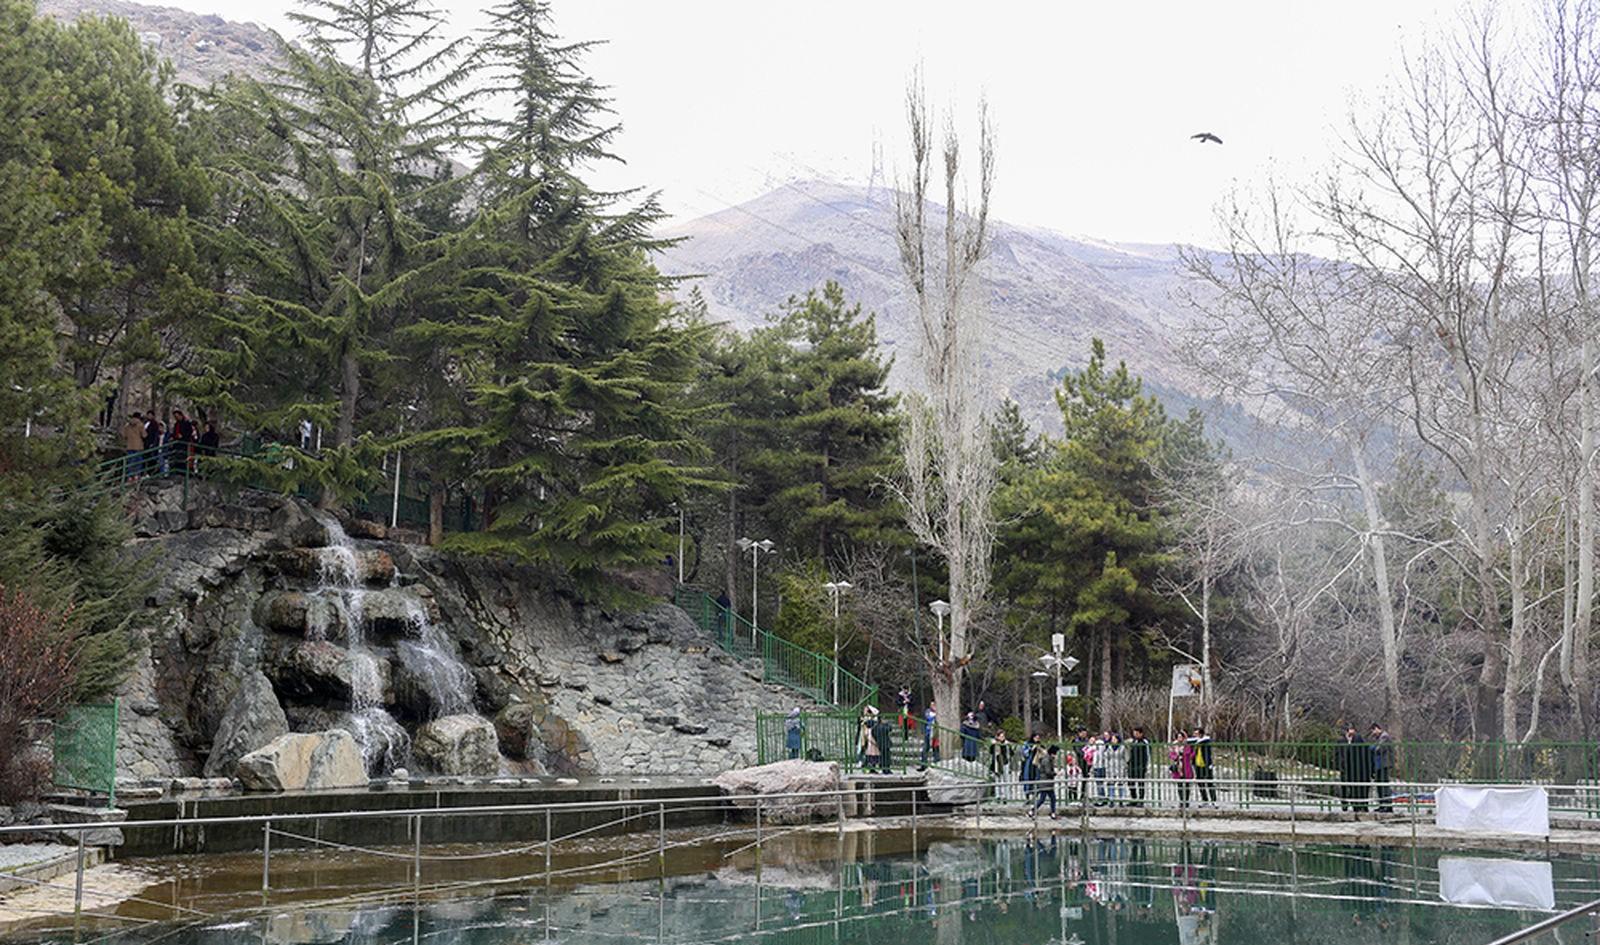 جاذبه تفریحی بوستان جمشیدیه تهران